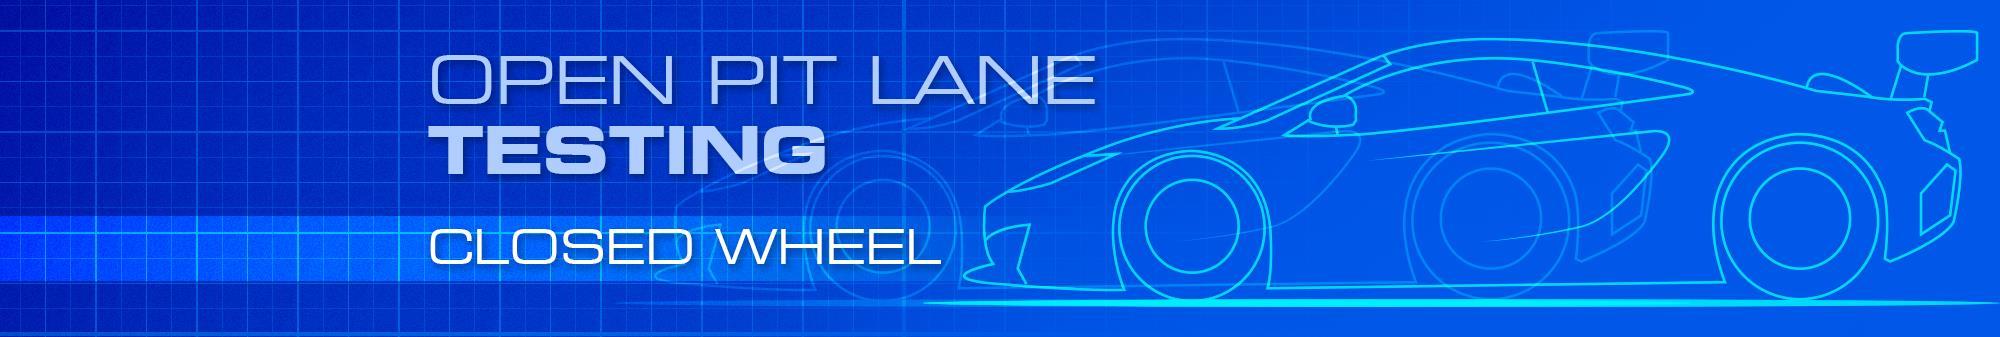 Open Pit Lane Testing - £180 to £310